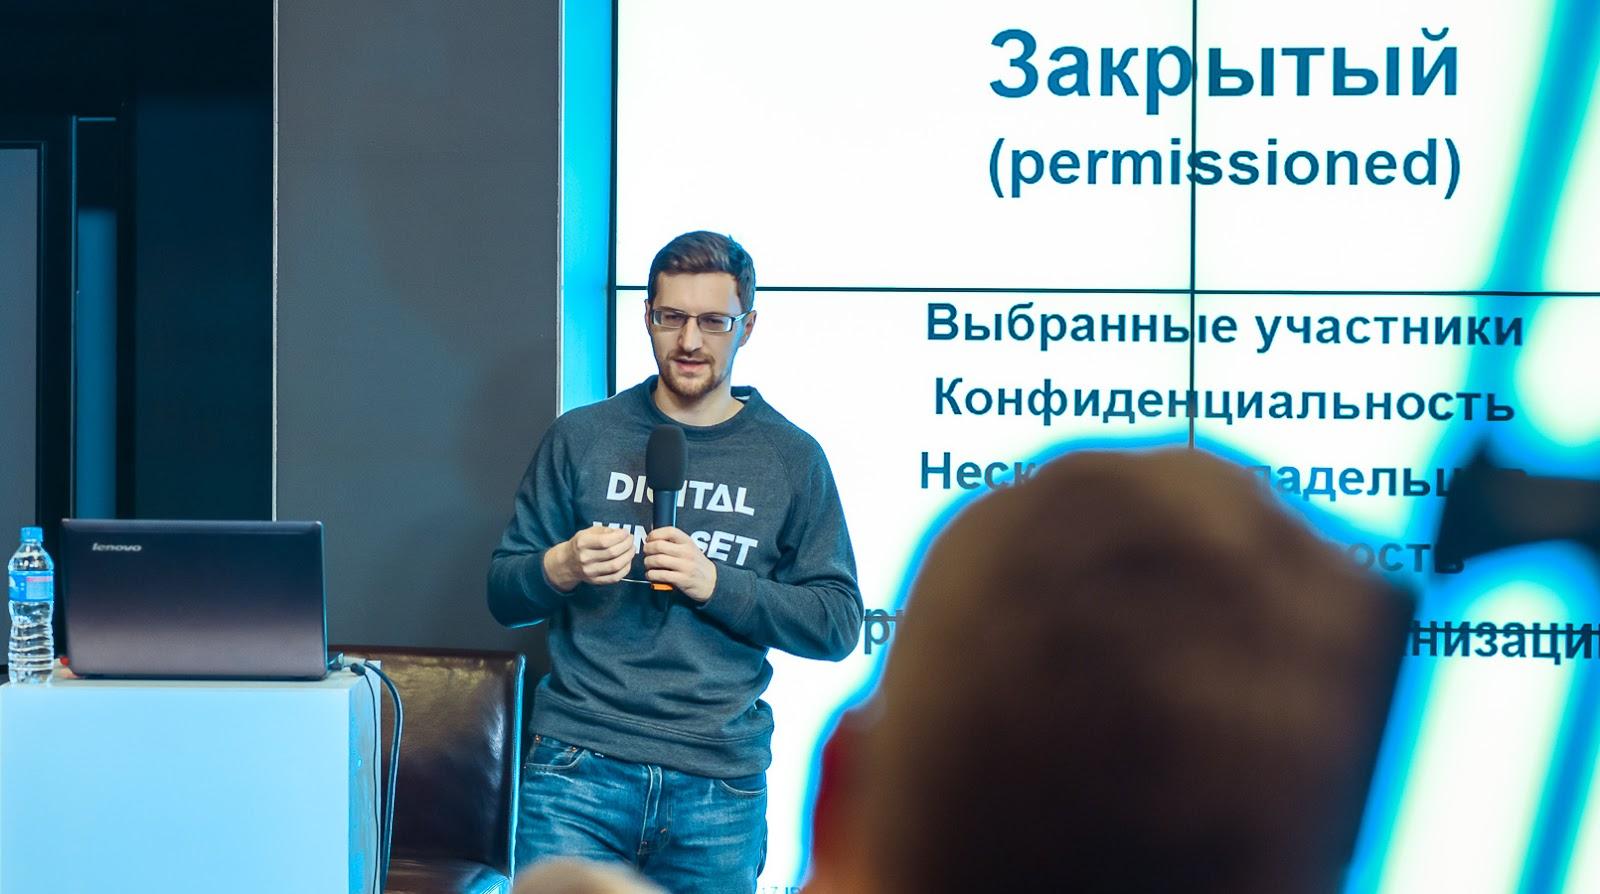 Три необычных примера использования блокчейна